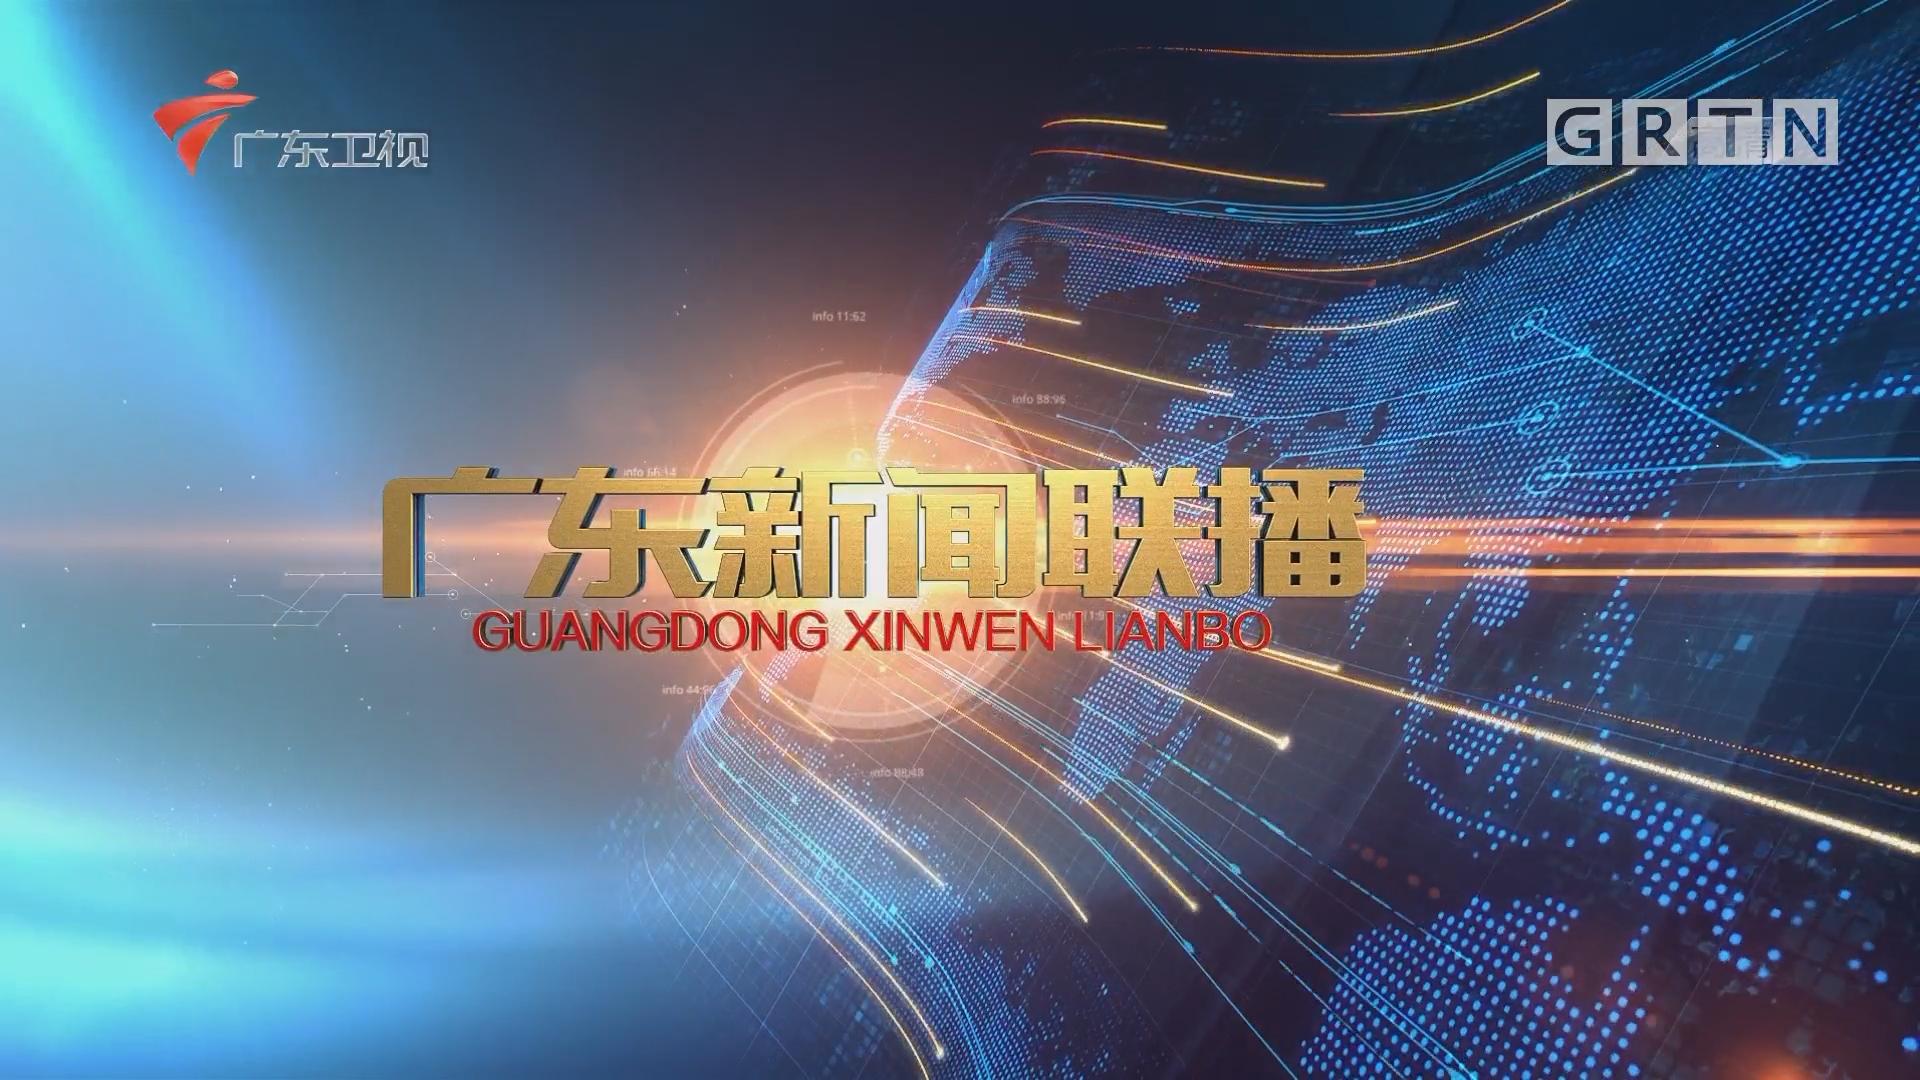 [HD][2018-03-07]广东新闻联播:习近平到广东代表团参加审议